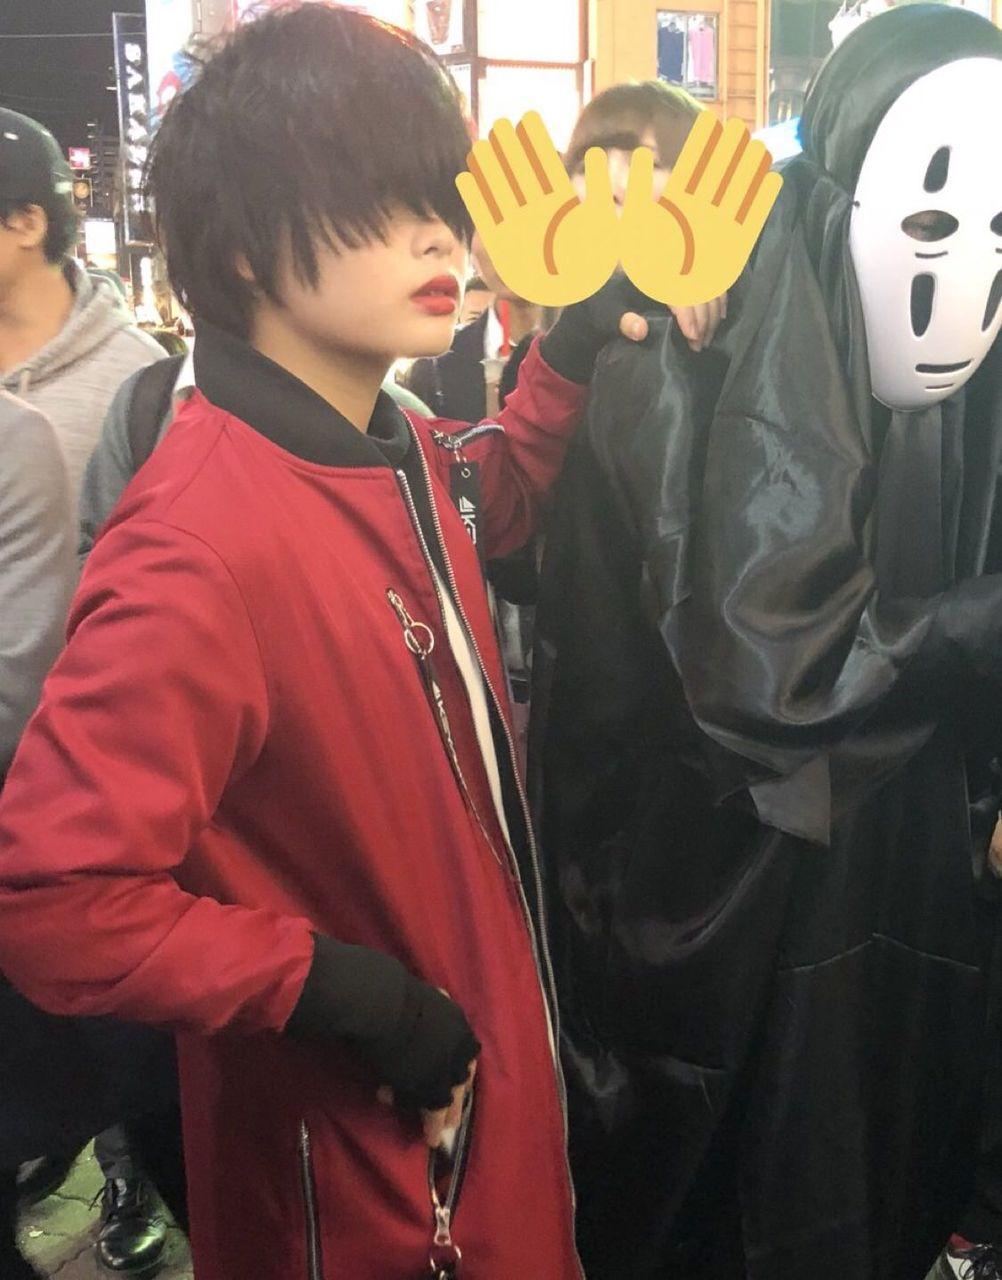 【悲報】渋谷ハロウィンに欅坂のコスプレ集団が出没